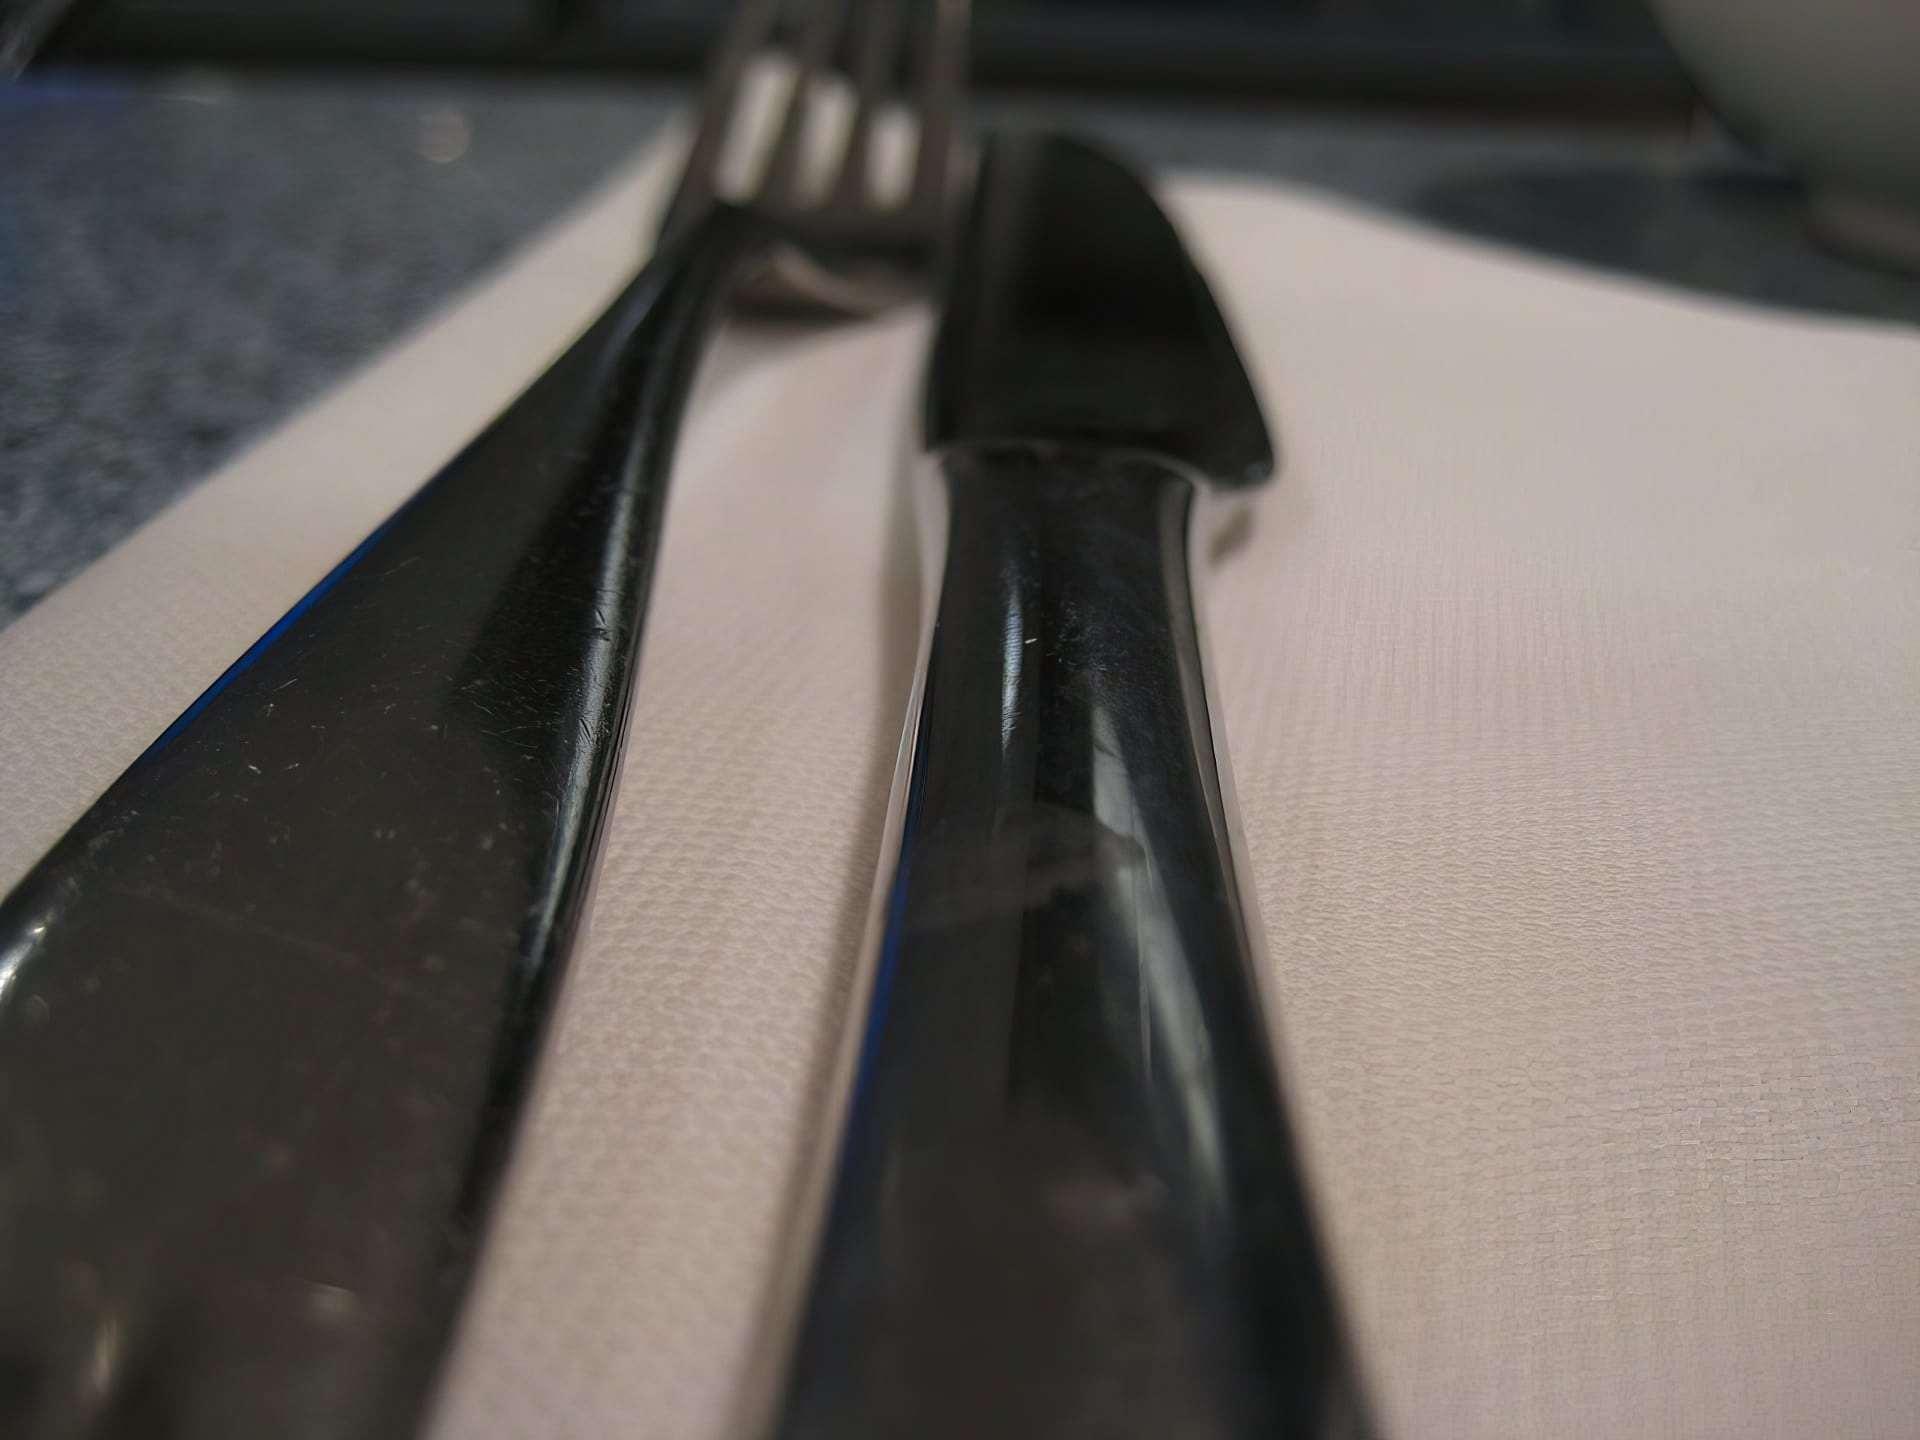 Long cutlery